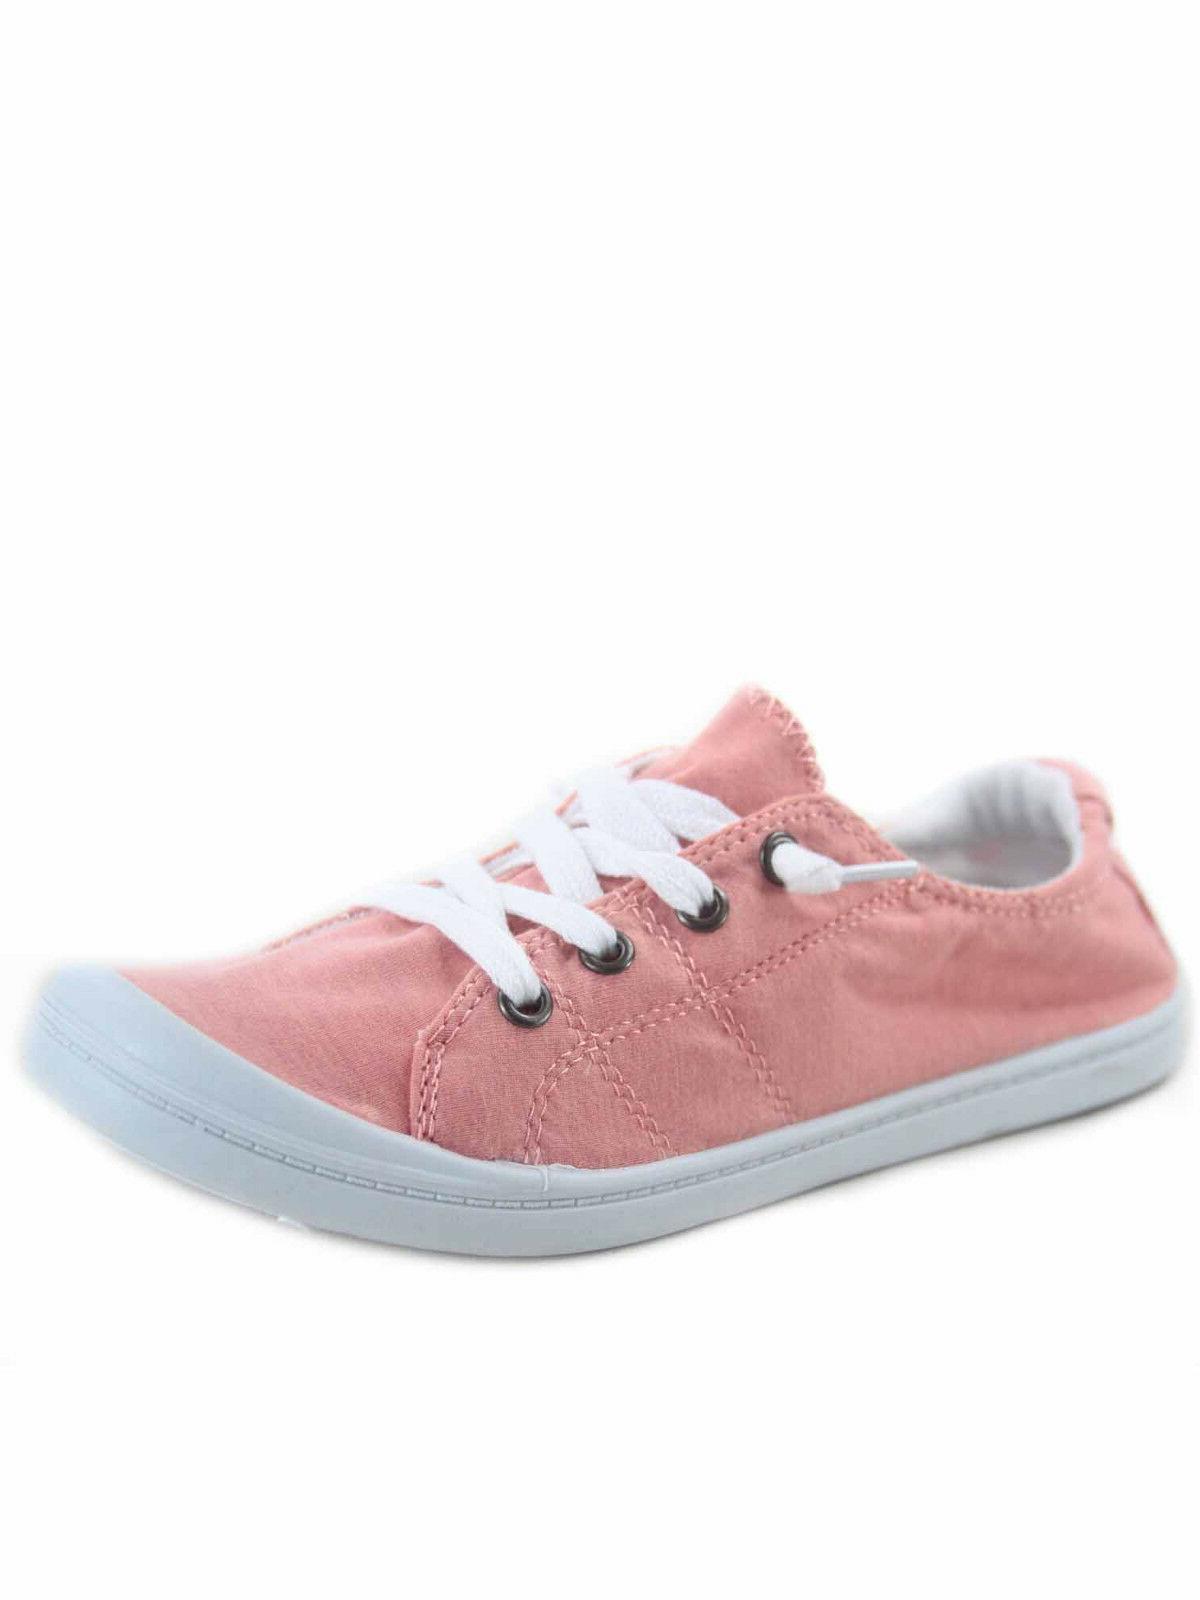 Flat Heel Sneaker Shoes All 5.5 11